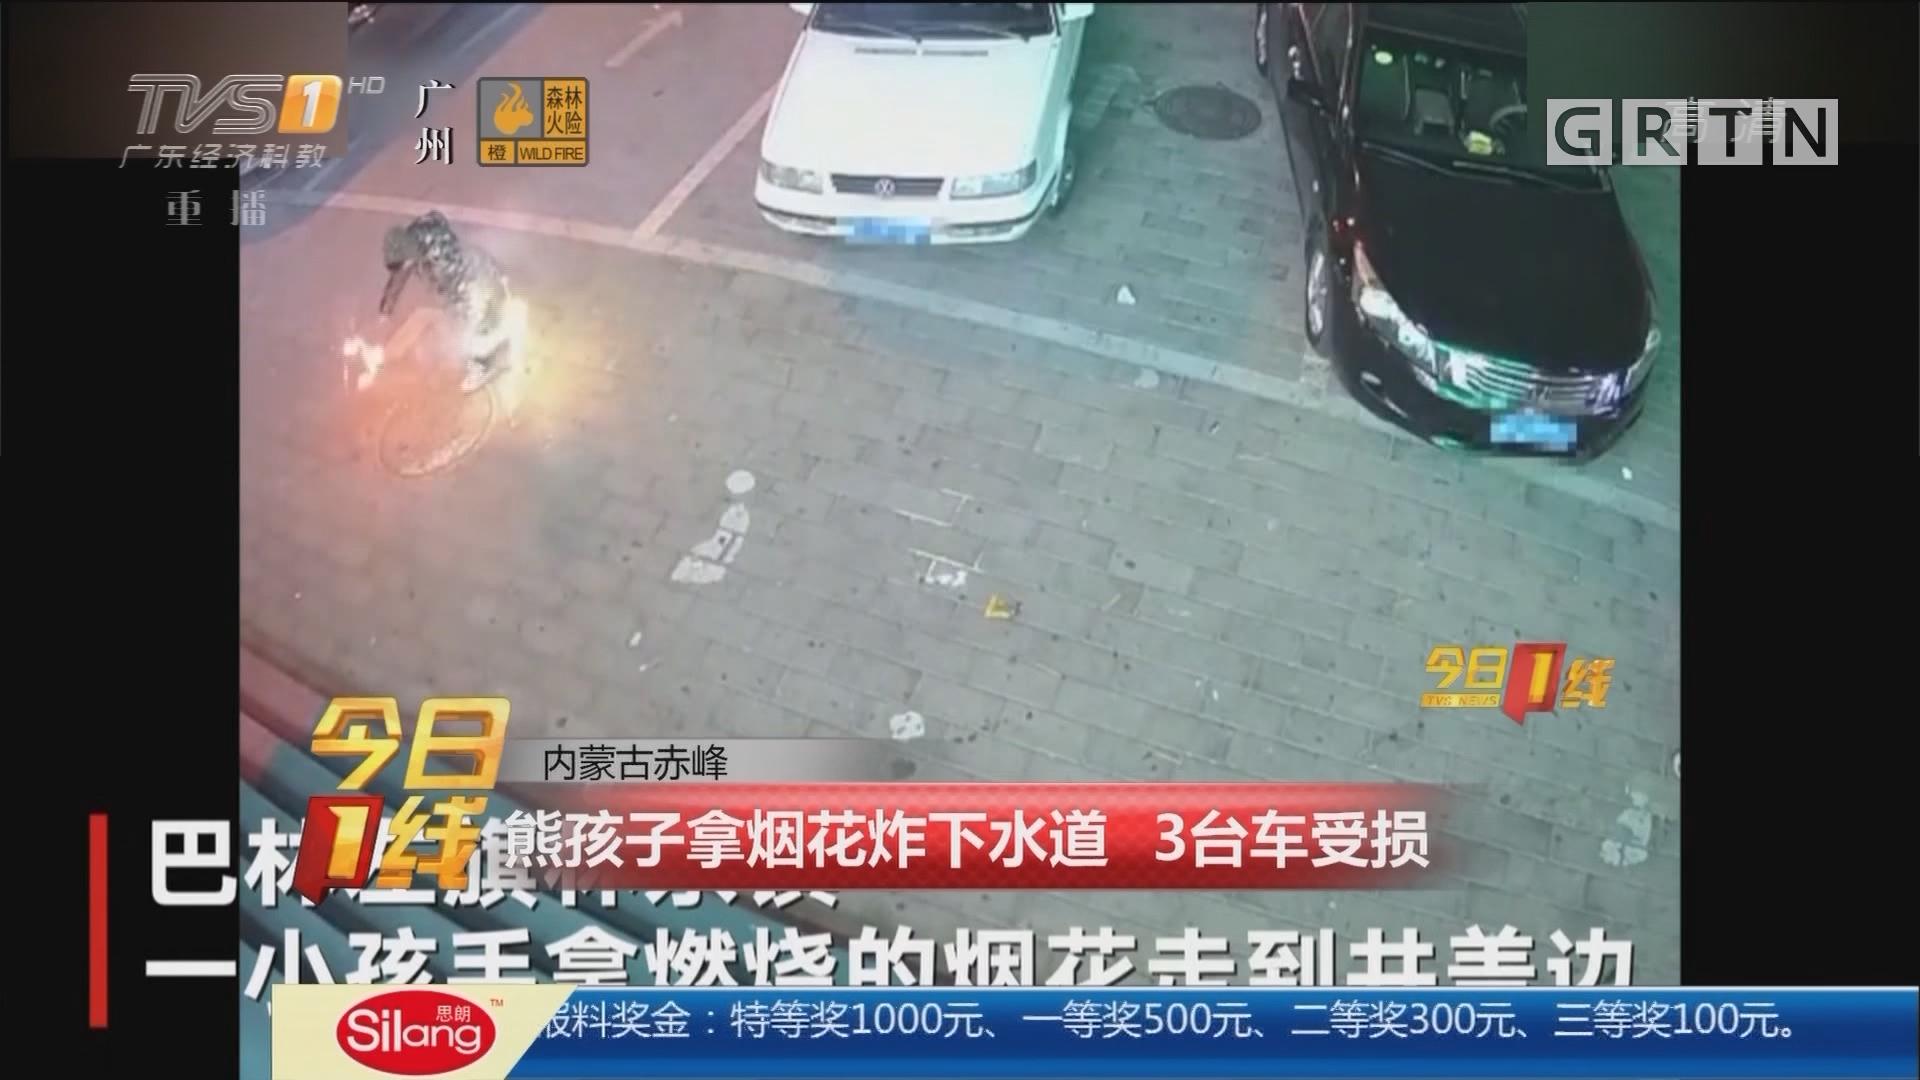 内蒙古赤峰:熊孩子拿烟花炸下水道 3台车受损